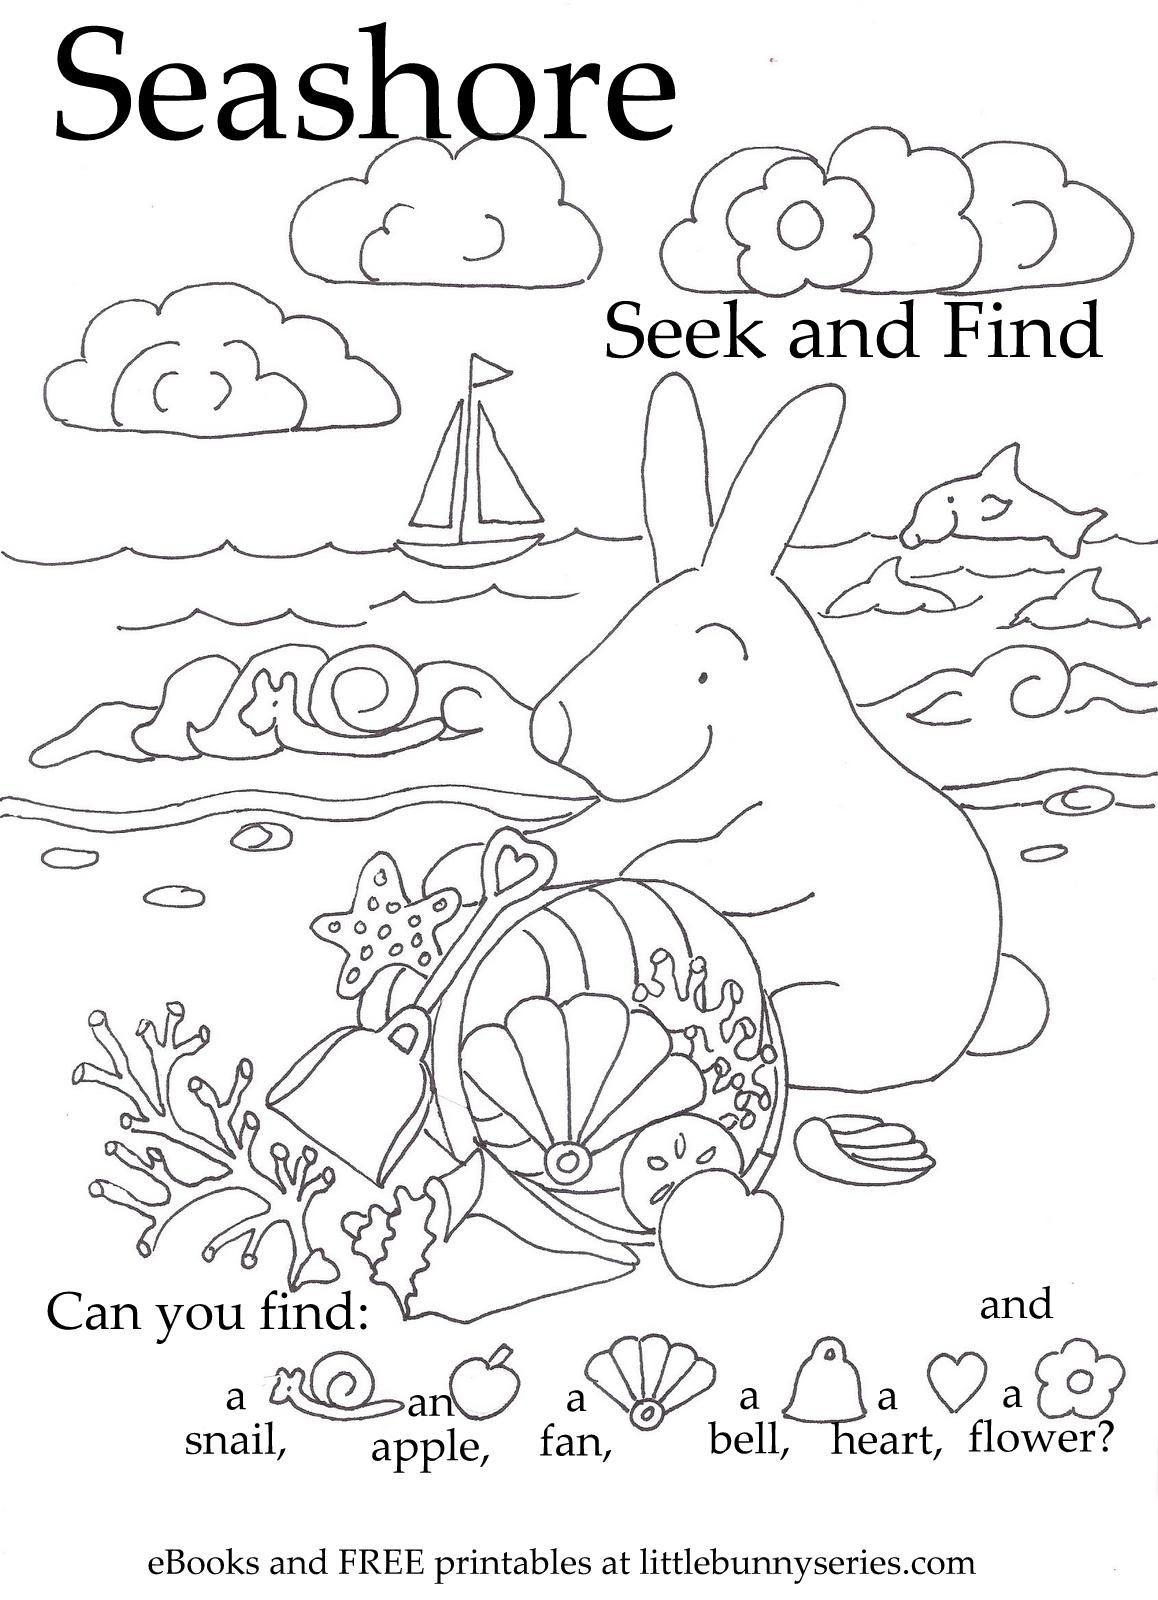 Seashore Seek And Find